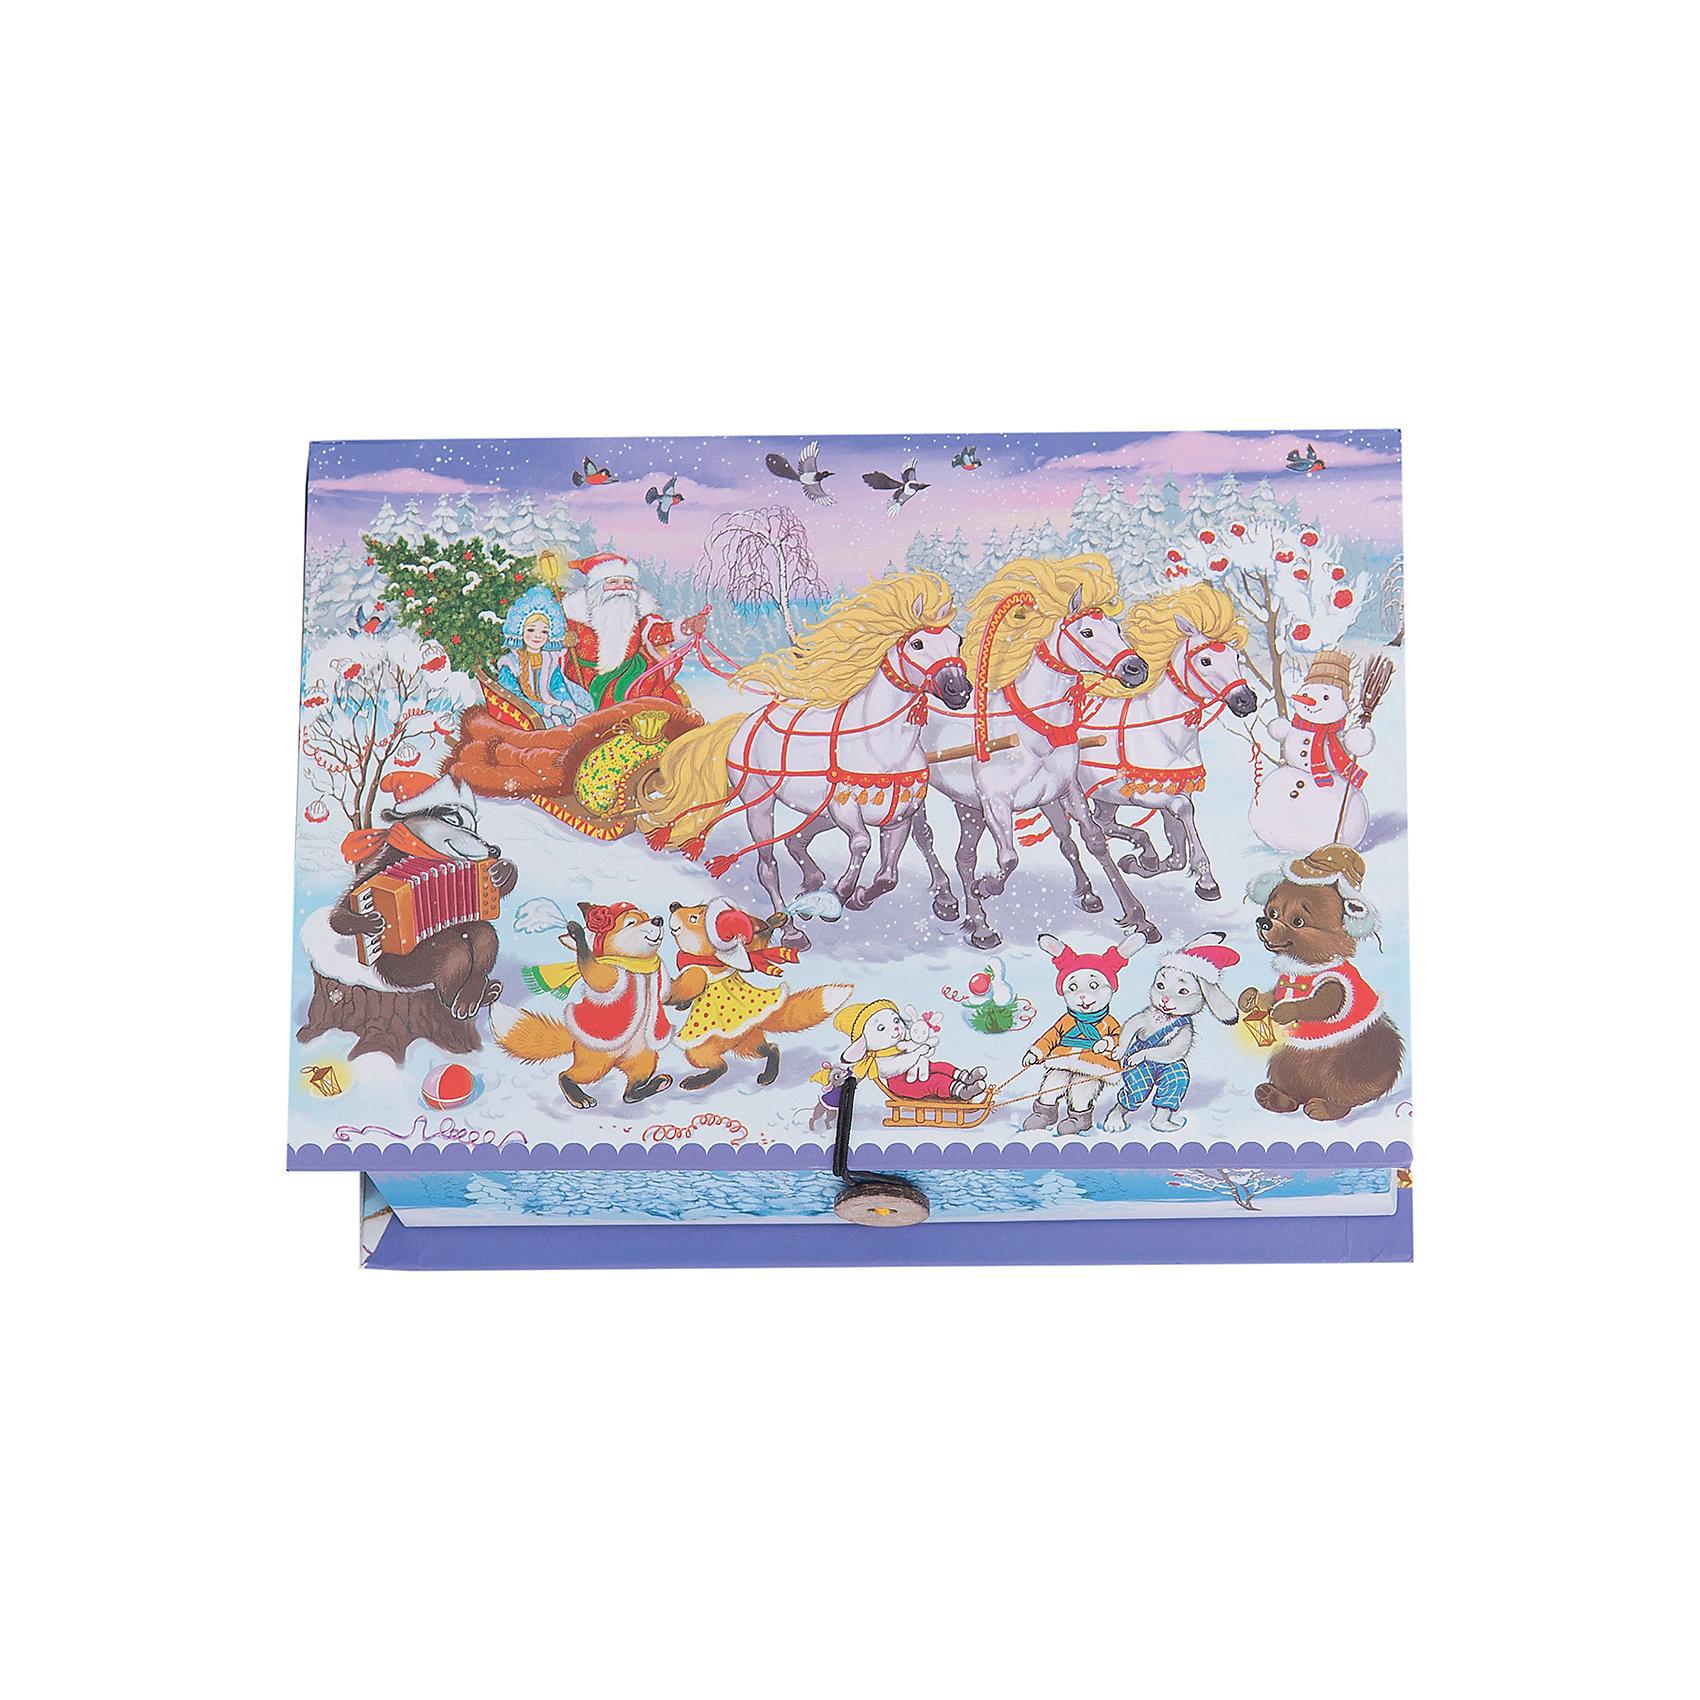 Подарочная коробка Новогодний праздник 20*14*6 смПодарочная коробка Новогодний праздник 20 * 14 * 6 см - впустите атмосферу зимы и праздников в ваш дом! С этой подарочной коробкой так весело наряжать подарки и радовать близких. Картонная коробка выглядит как книга и имеет яркую обложку с цветными рисунками деда Мороза, мчащегося на тройке лошадей чтобы привезти подарки. На корешке изображены веселые зверята и надпись « С Новым Годом». Коробка закрывается на небольшой эластичный шнурок и пуговичку. Устройте сюрприз вашим близким!<br>Дополнительная информация:<br><br>- Размер: 20 * 14 * 6 см.<br>- Материал: картон плотностью 1100 г/м2<br>Подарочную коробку Новогодний праздник 20 * 14 * 6 см можно купить в нашем интернет-магазине.<br>Подробнее:<br>• Для детей в возрасте: от 3 лет<br>• Номер товара: 4981491<br>Страна производитель: Китай<br><br>Ширина мм: 200<br>Глубина мм: 140<br>Высота мм: 60<br>Вес г: 330<br>Возраст от месяцев: 36<br>Возраст до месяцев: 2147483647<br>Пол: Унисекс<br>Возраст: Детский<br>SKU: 4981491